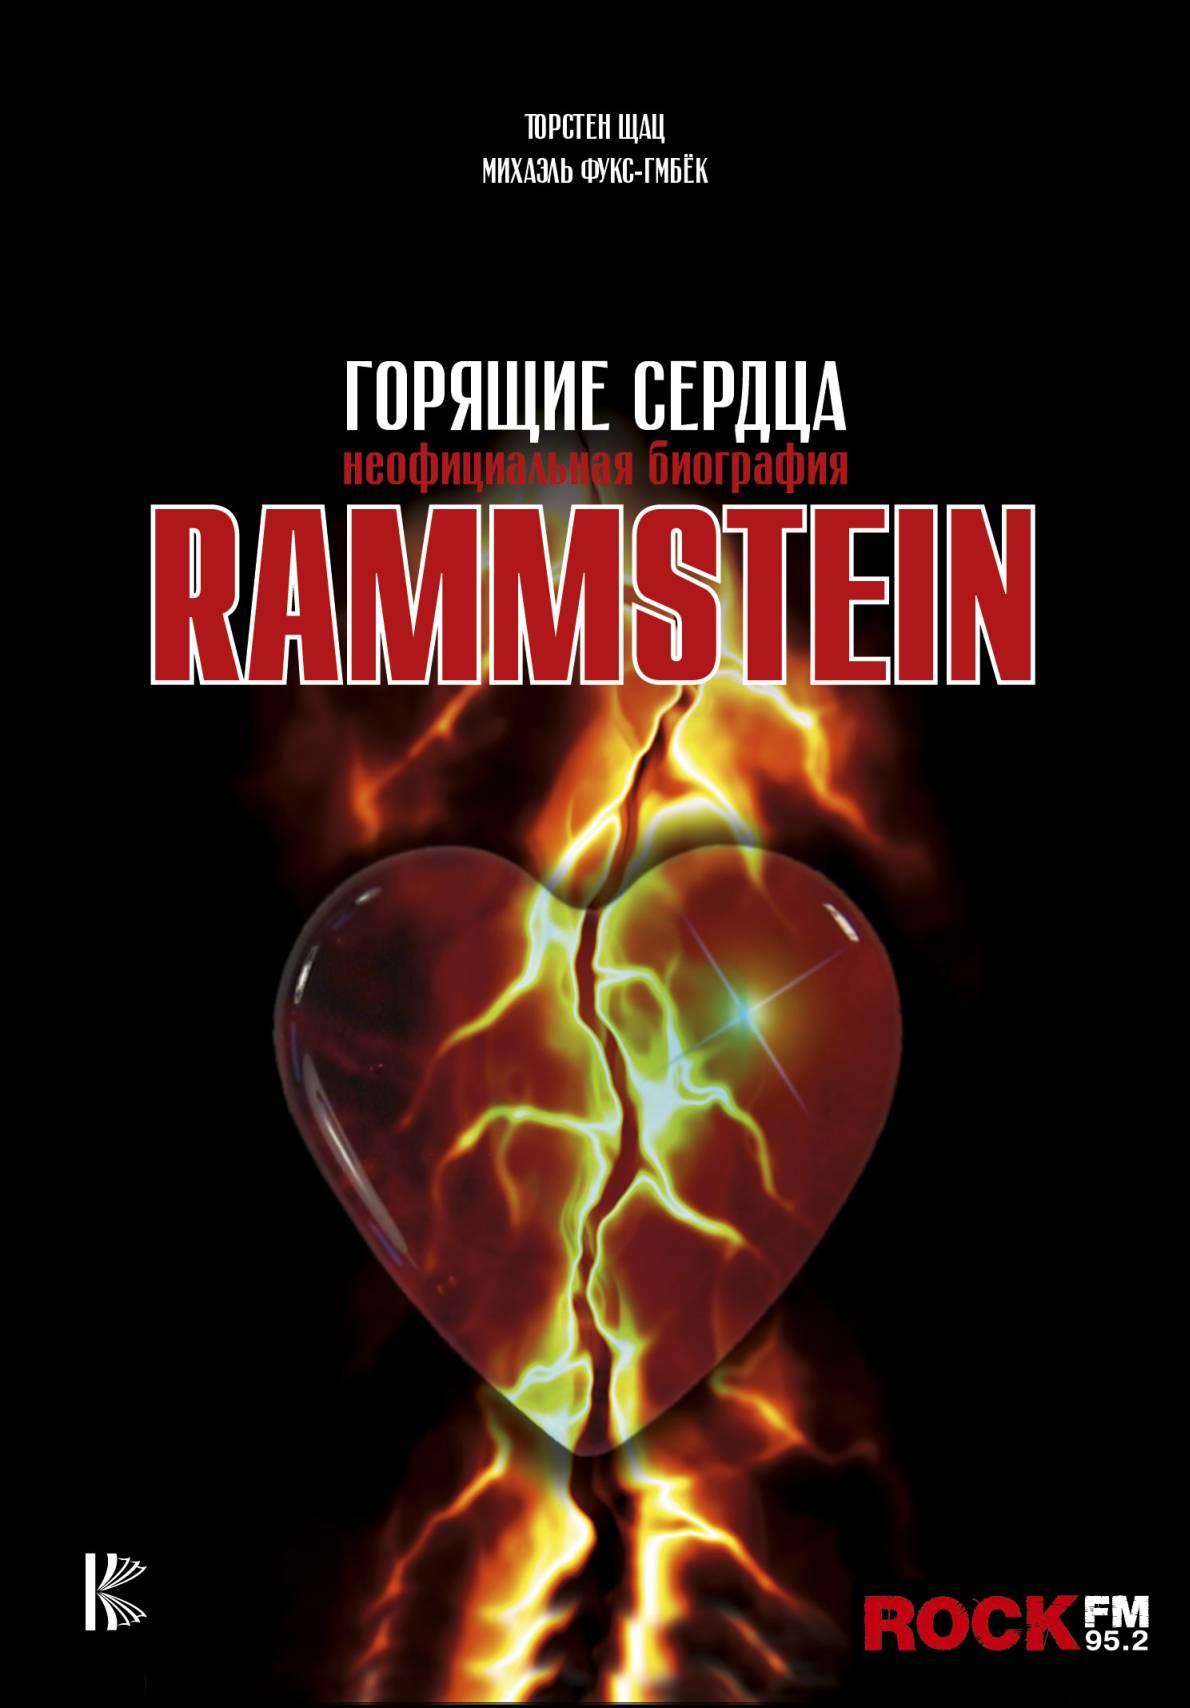 Михаэль Фукс-Гамбёк Rammstein. Горящие сердца